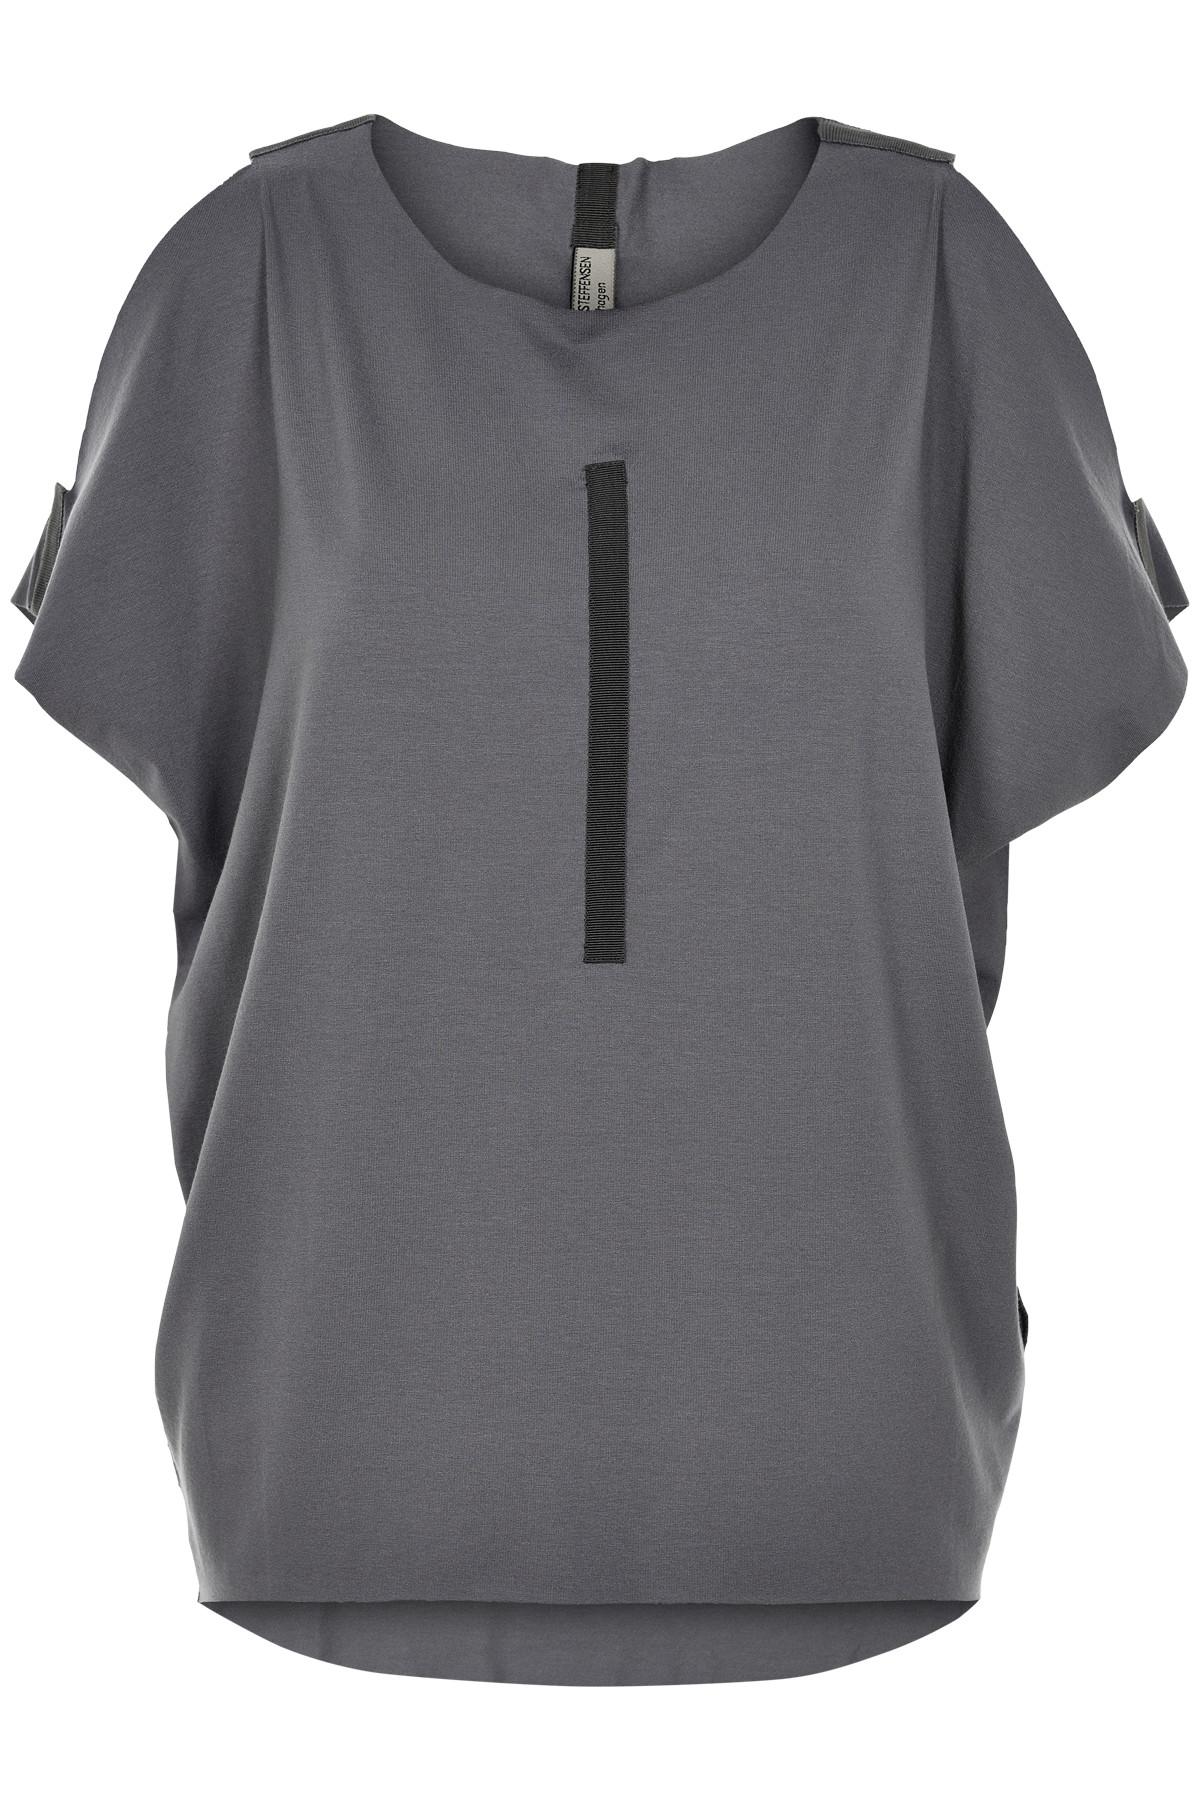 Image of   HENRIETTE STEFFENSEN Copenhagen 6010 T-SHIRT GREY (Grey, S)